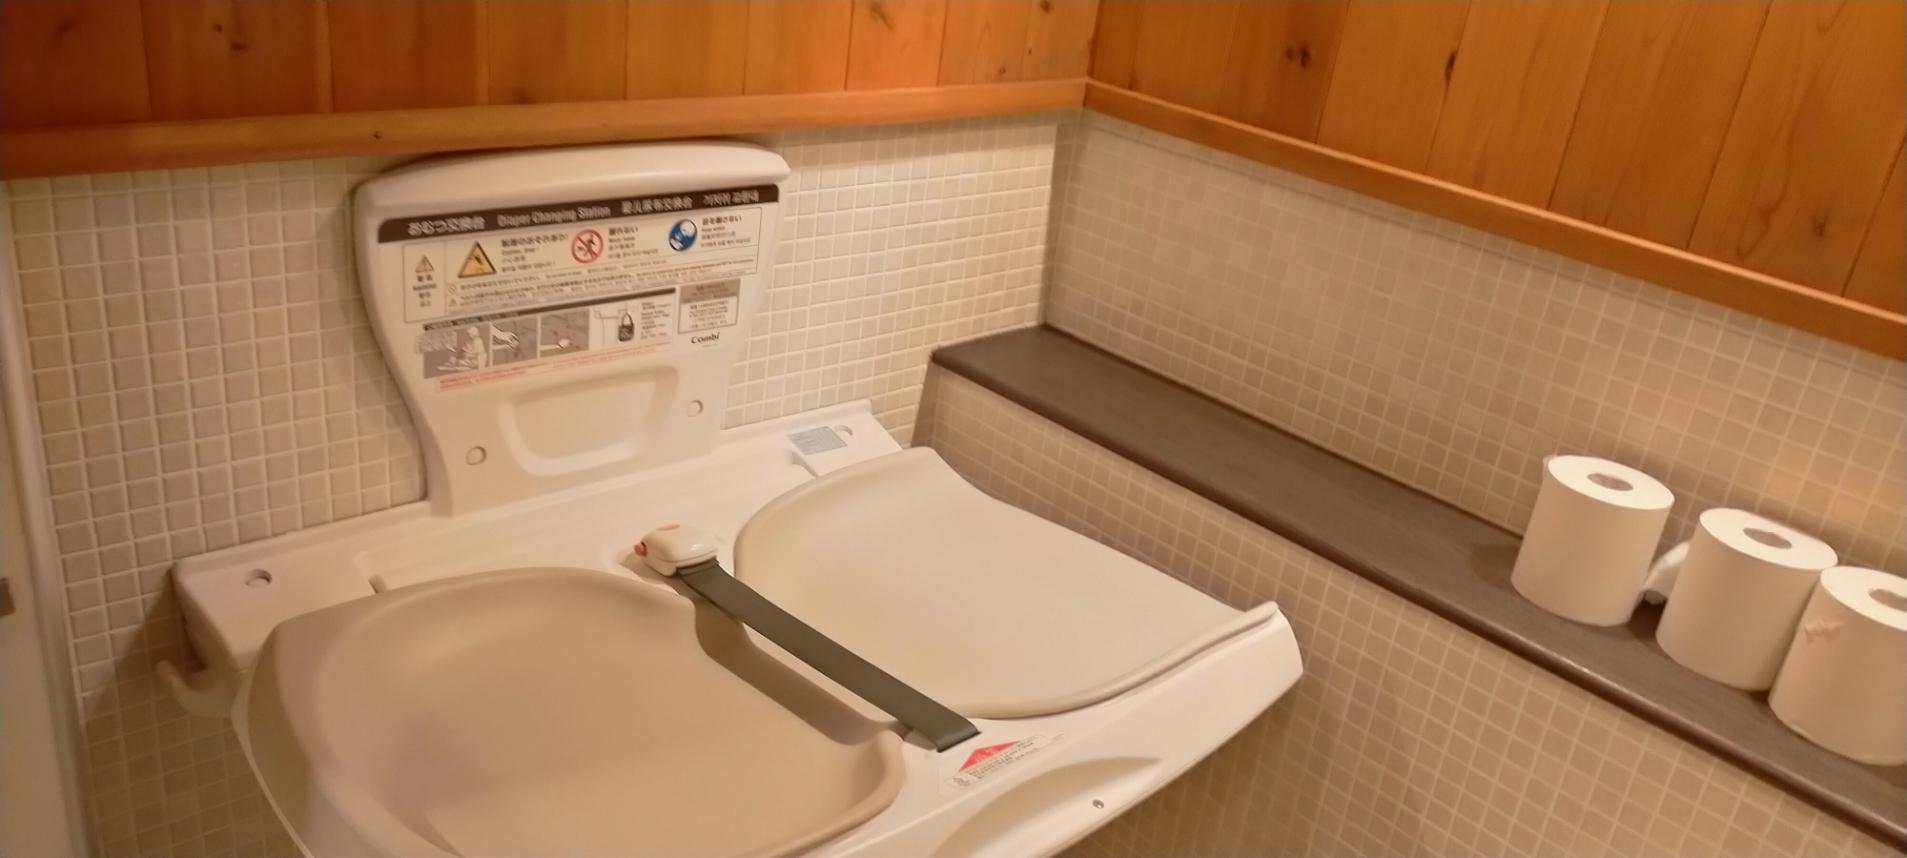 真富士の里男性用トイレ内ベビーベッド